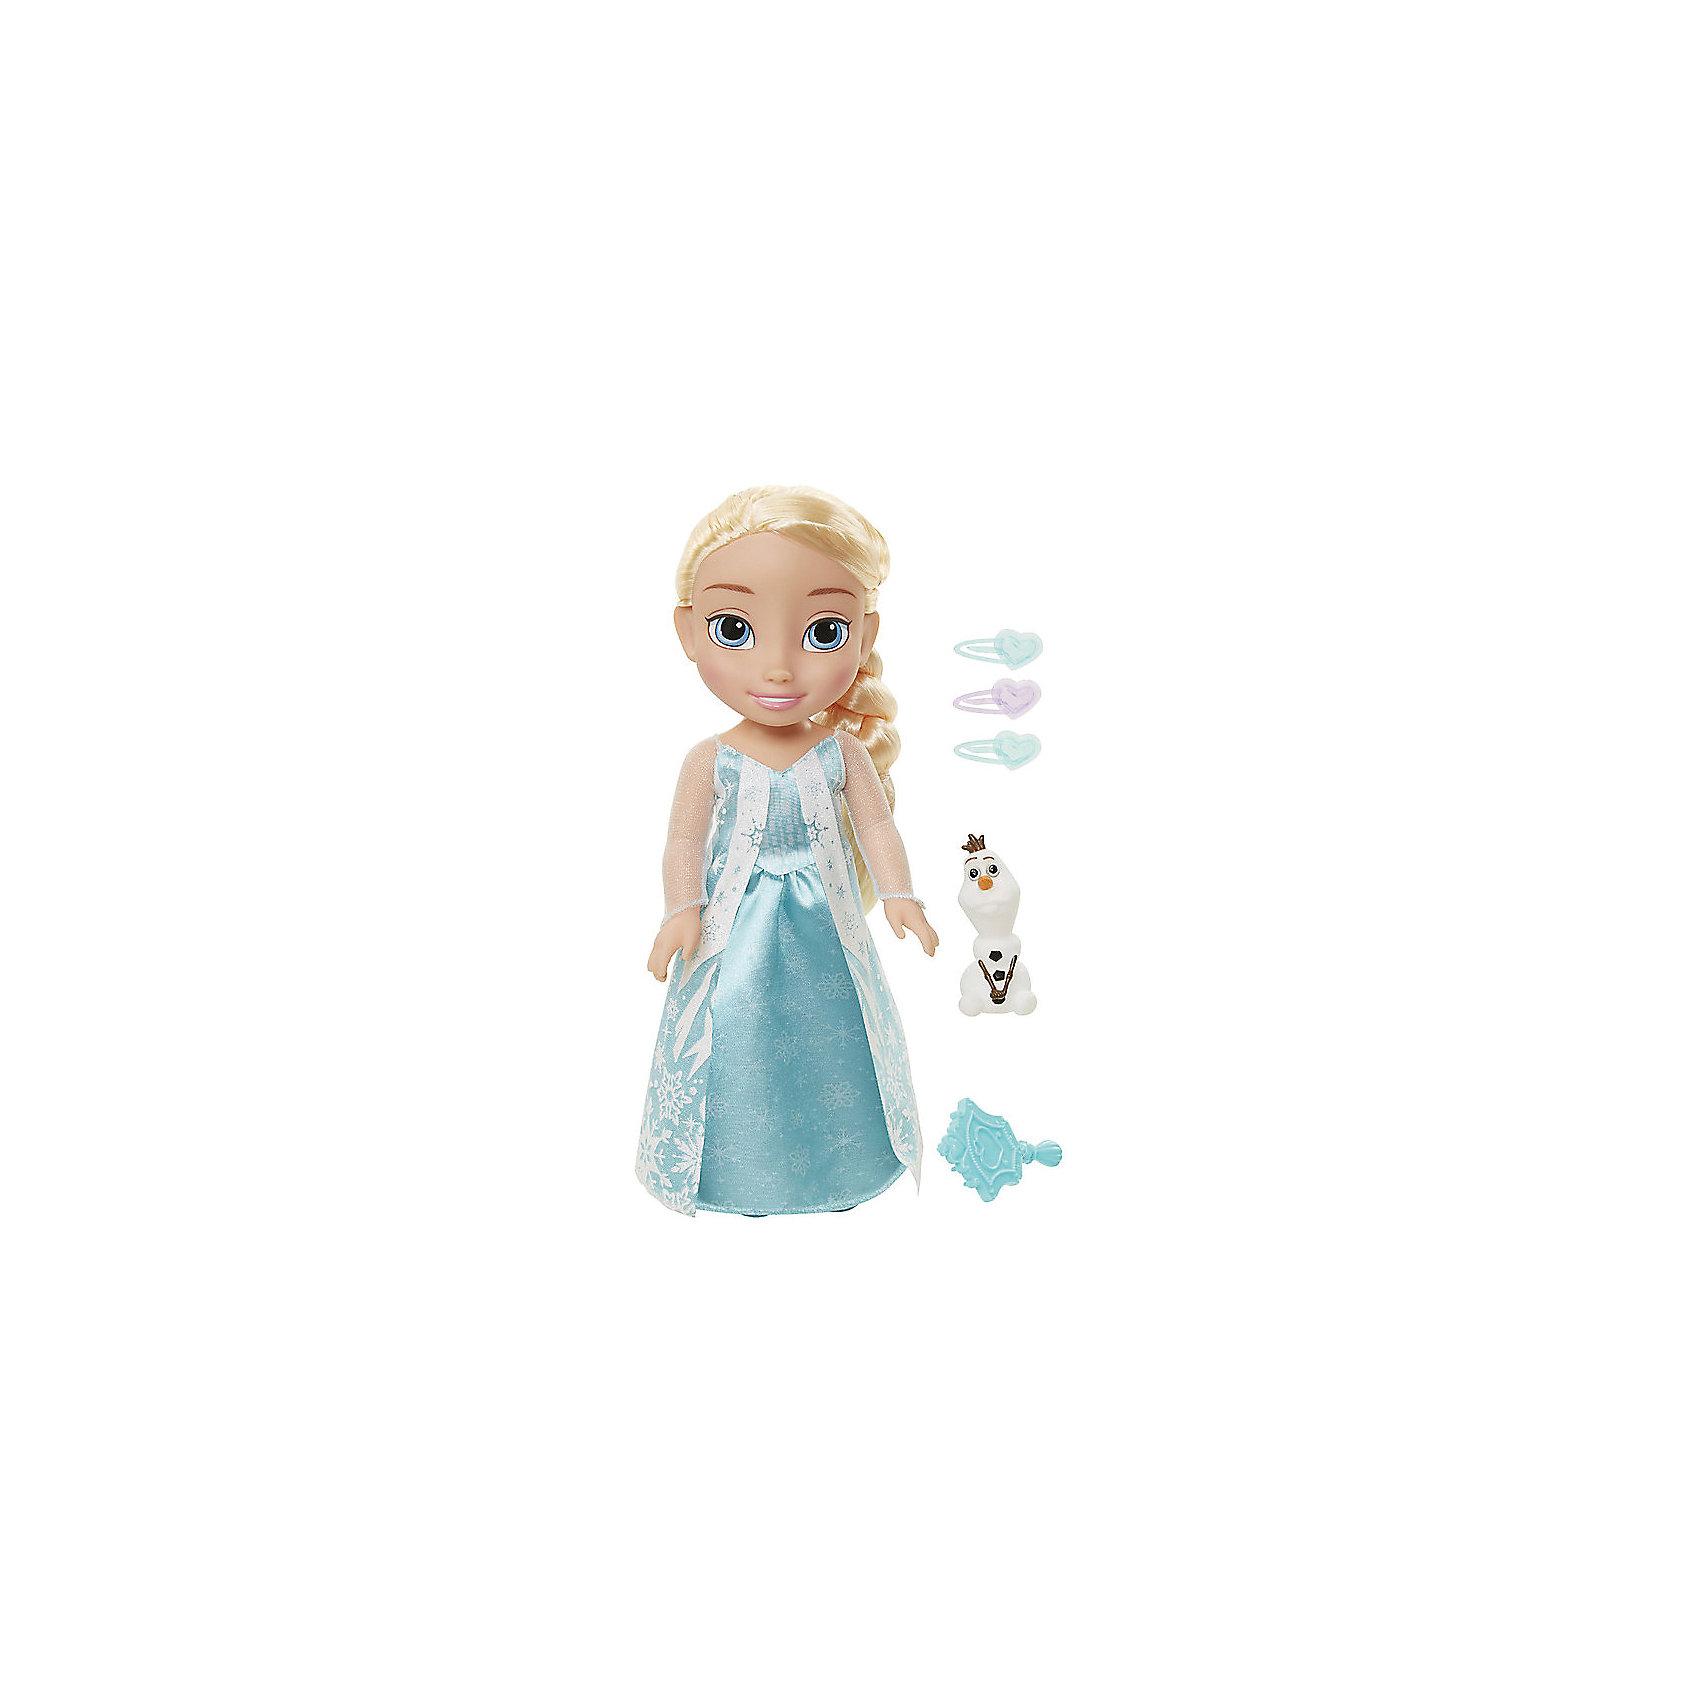 Кукла-малышка Холодное сердце с аксессуарами, Эльза, 35 см.Холодное Сердце<br>Кукла Эльза, 35 см, Холодное Сердце.<br><br>Характеристики:<br><br>- В комплекте: кукла, расческа, 3 заколки, фигурка снеговика Олафа<br>- Высота куклы: 35 см.<br>- Материал: пластик, текстиль<br><br>Кукла-малышка Эльза создана по мотивам популярного анимационного фильма Холодное сердце и наверняка понравится каждой его поклоннице! Эльза выглядит очень реалистично благодаря выразительным чертам лица, а особенно большим голубым глазкам. На кукле надето изящное платье голубого цвета, украшенное снежинками, а ее роскошные светлые волосы заплетены в косу. Кукла выполнена из высококачественных материалов, выглядит ярко и эффектно. В комплекте также прилагаются дополнительные аксессуары: заколки, расческа и фигурка уморительного снеговичка Олафа.<br><br>Куклу Эльза, 35 см, Холодное Сердце купить в нашем интернет-магазине.<br><br>Ширина мм: 170<br>Глубина мм: 390<br>Высота мм: 110<br>Вес г: 260<br>Возраст от месяцев: 36<br>Возраст до месяцев: 2147483647<br>Пол: Женский<br>Возраст: Детский<br>SKU: 5156886